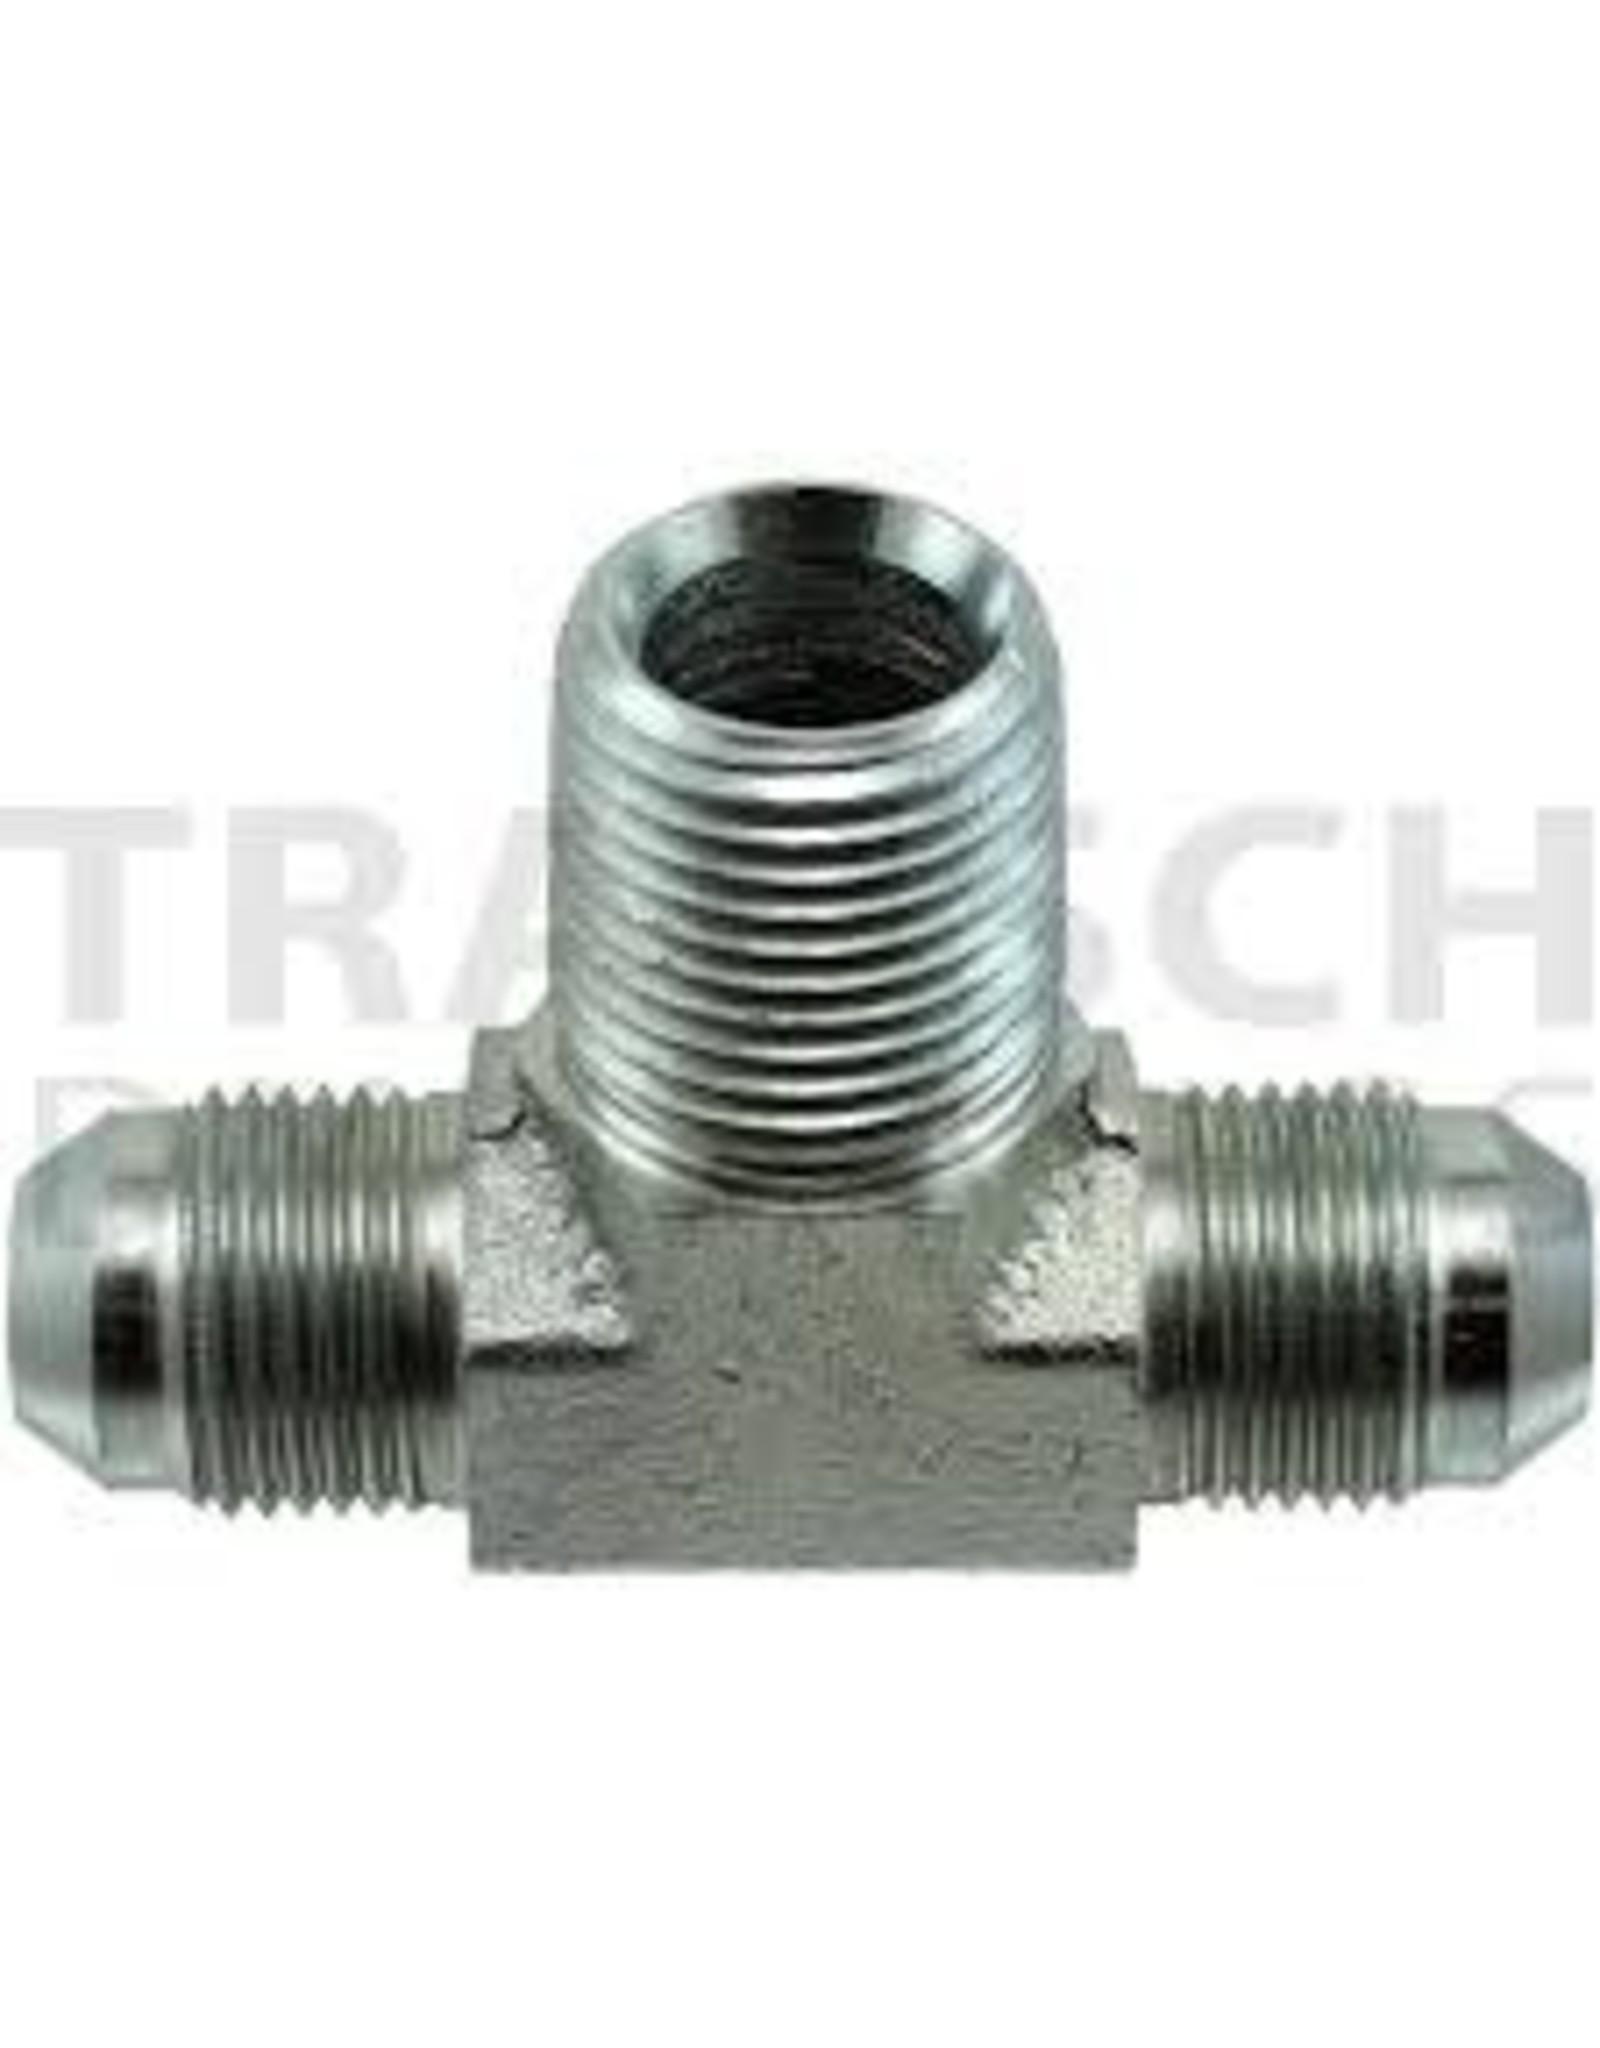 Titan 2601-06-06-06 JIC Tee 3/8